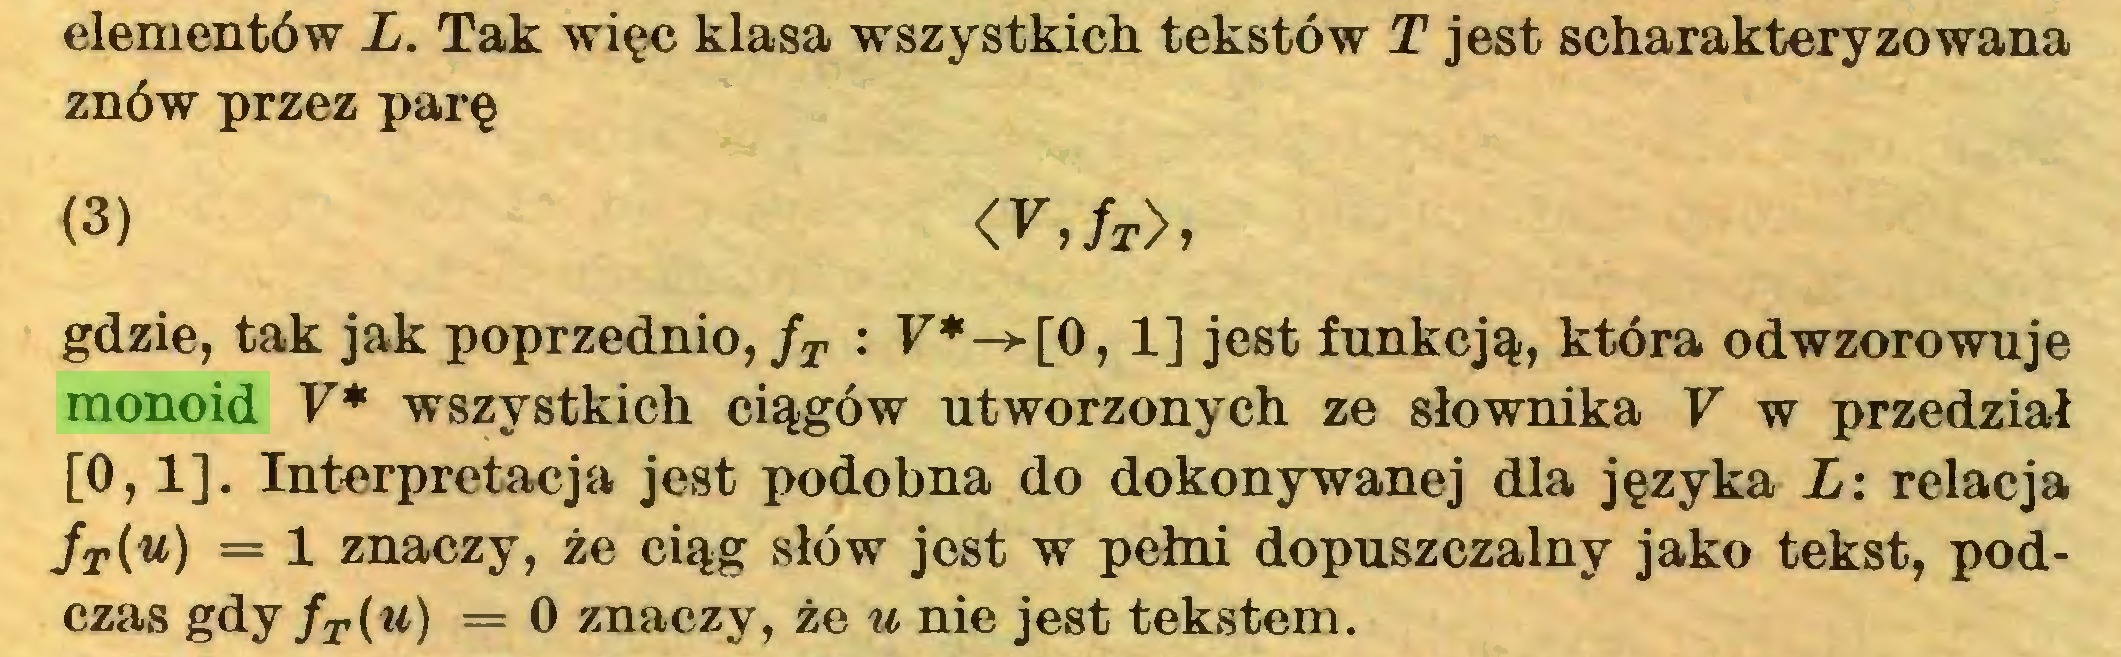 (...) elementów L. Tak więc klasa wszystkich tekstów T jest scharakteryzowana znów przez parę (3) <V,fT>, gdzie, tak jak poprzednio, fT : F*-»-[0,1] jest funkcją, która odwzorowuje monoid V* wszystkich ciągów utworzonych ze słownika V w przedział [0,1]. Interpretacja jest podobna do dokonywanej dla języka L: relacja fT(u) = 1 znaczy, że ciąg słów jest w pełni dopuszczalny jako tekst, podczas gdy fT(u) = 0 znaczy, że u nie jest tekstem...